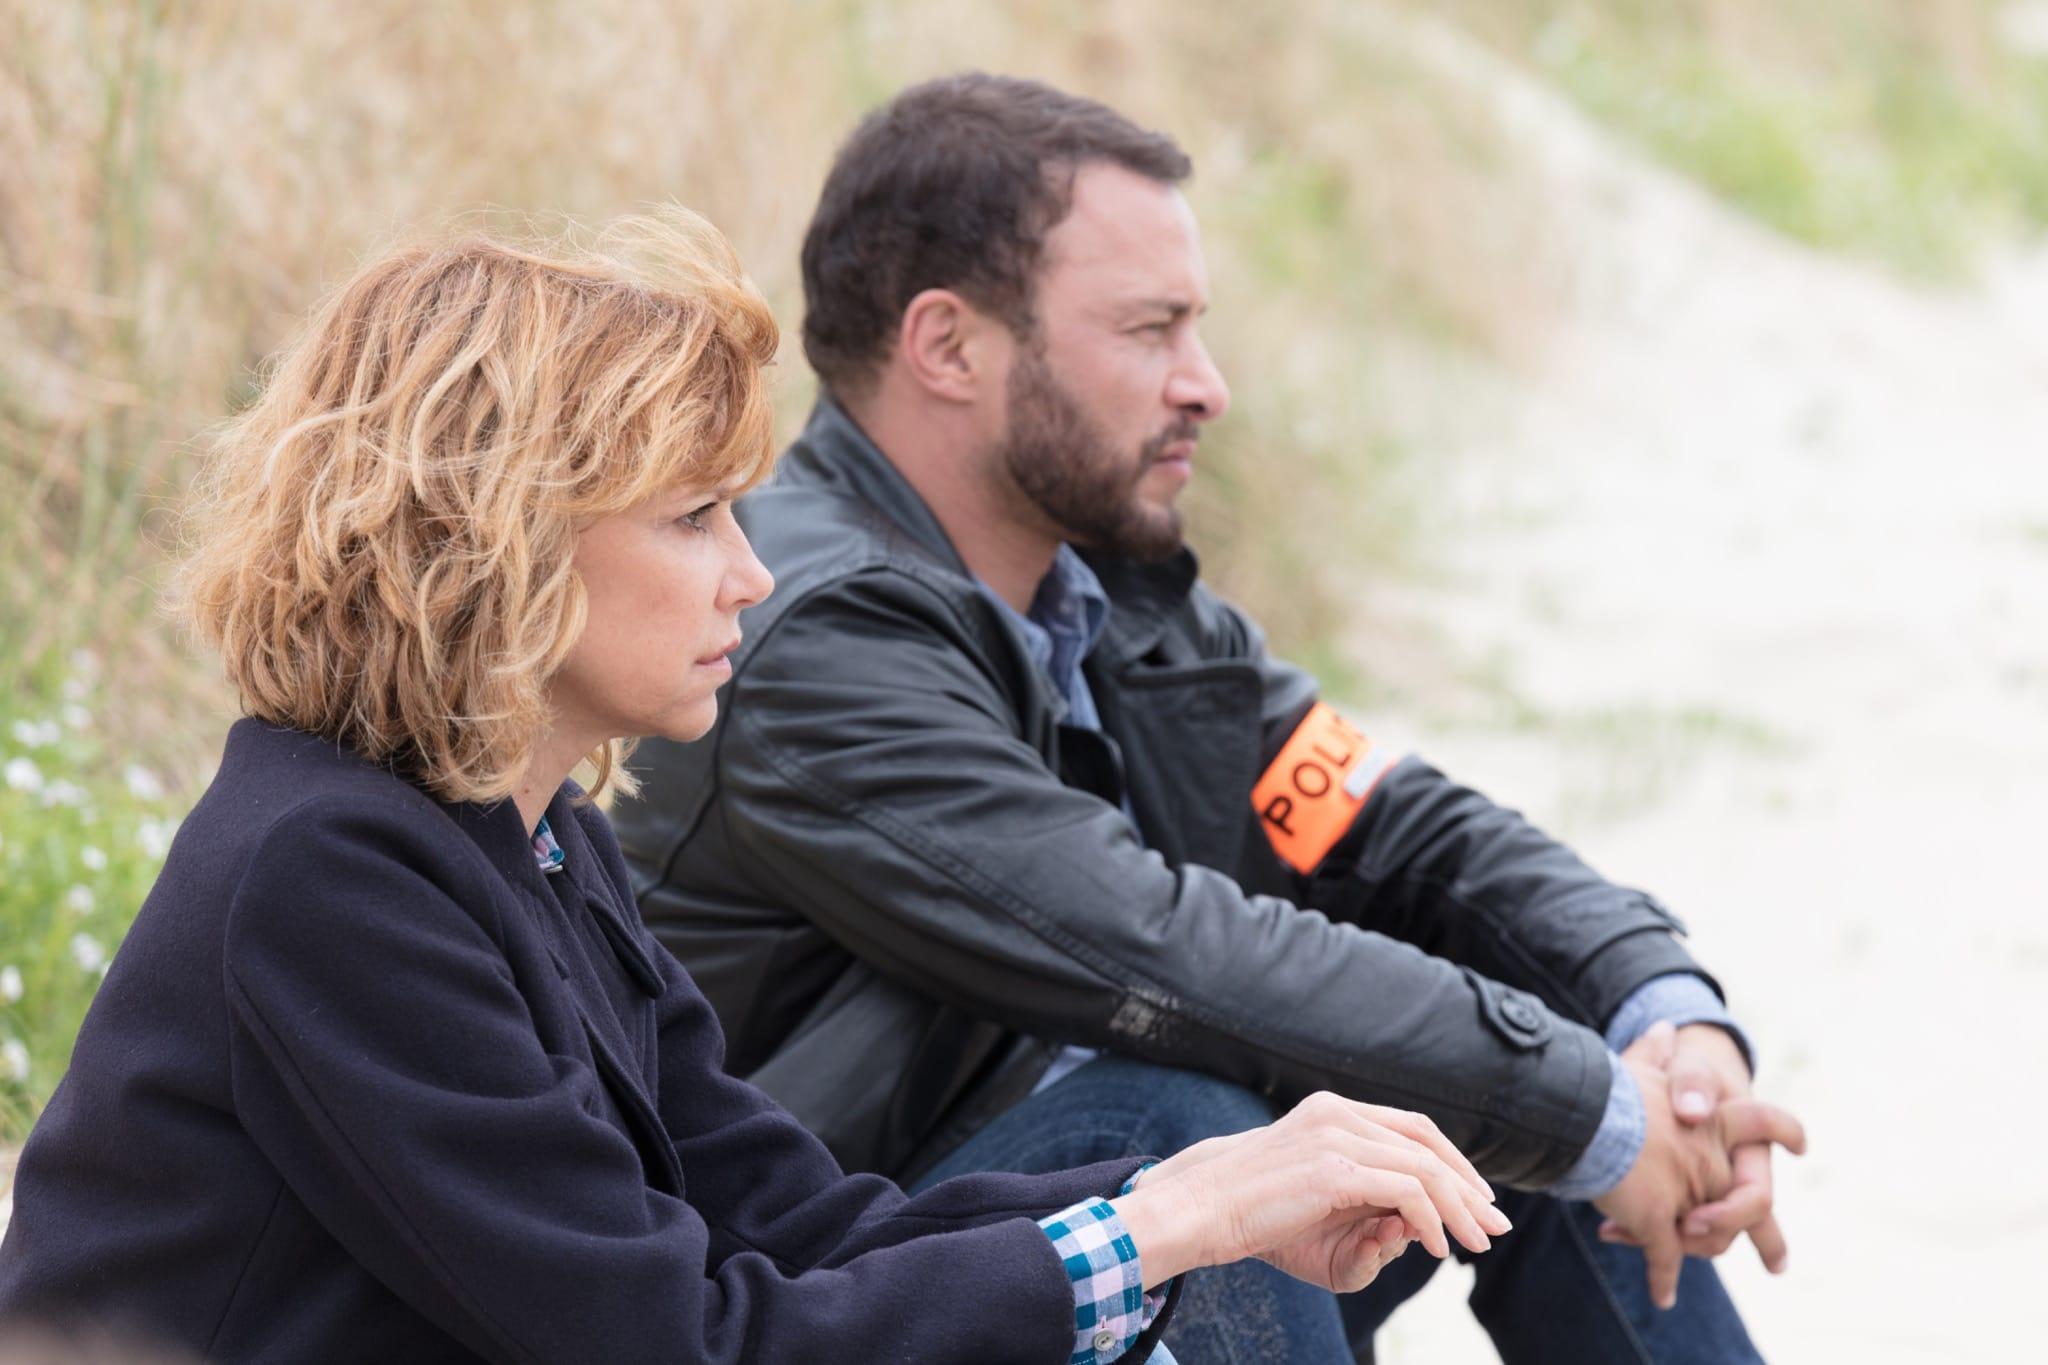 Meurtres à Granville de Christophe Douchand image téléfilm policier